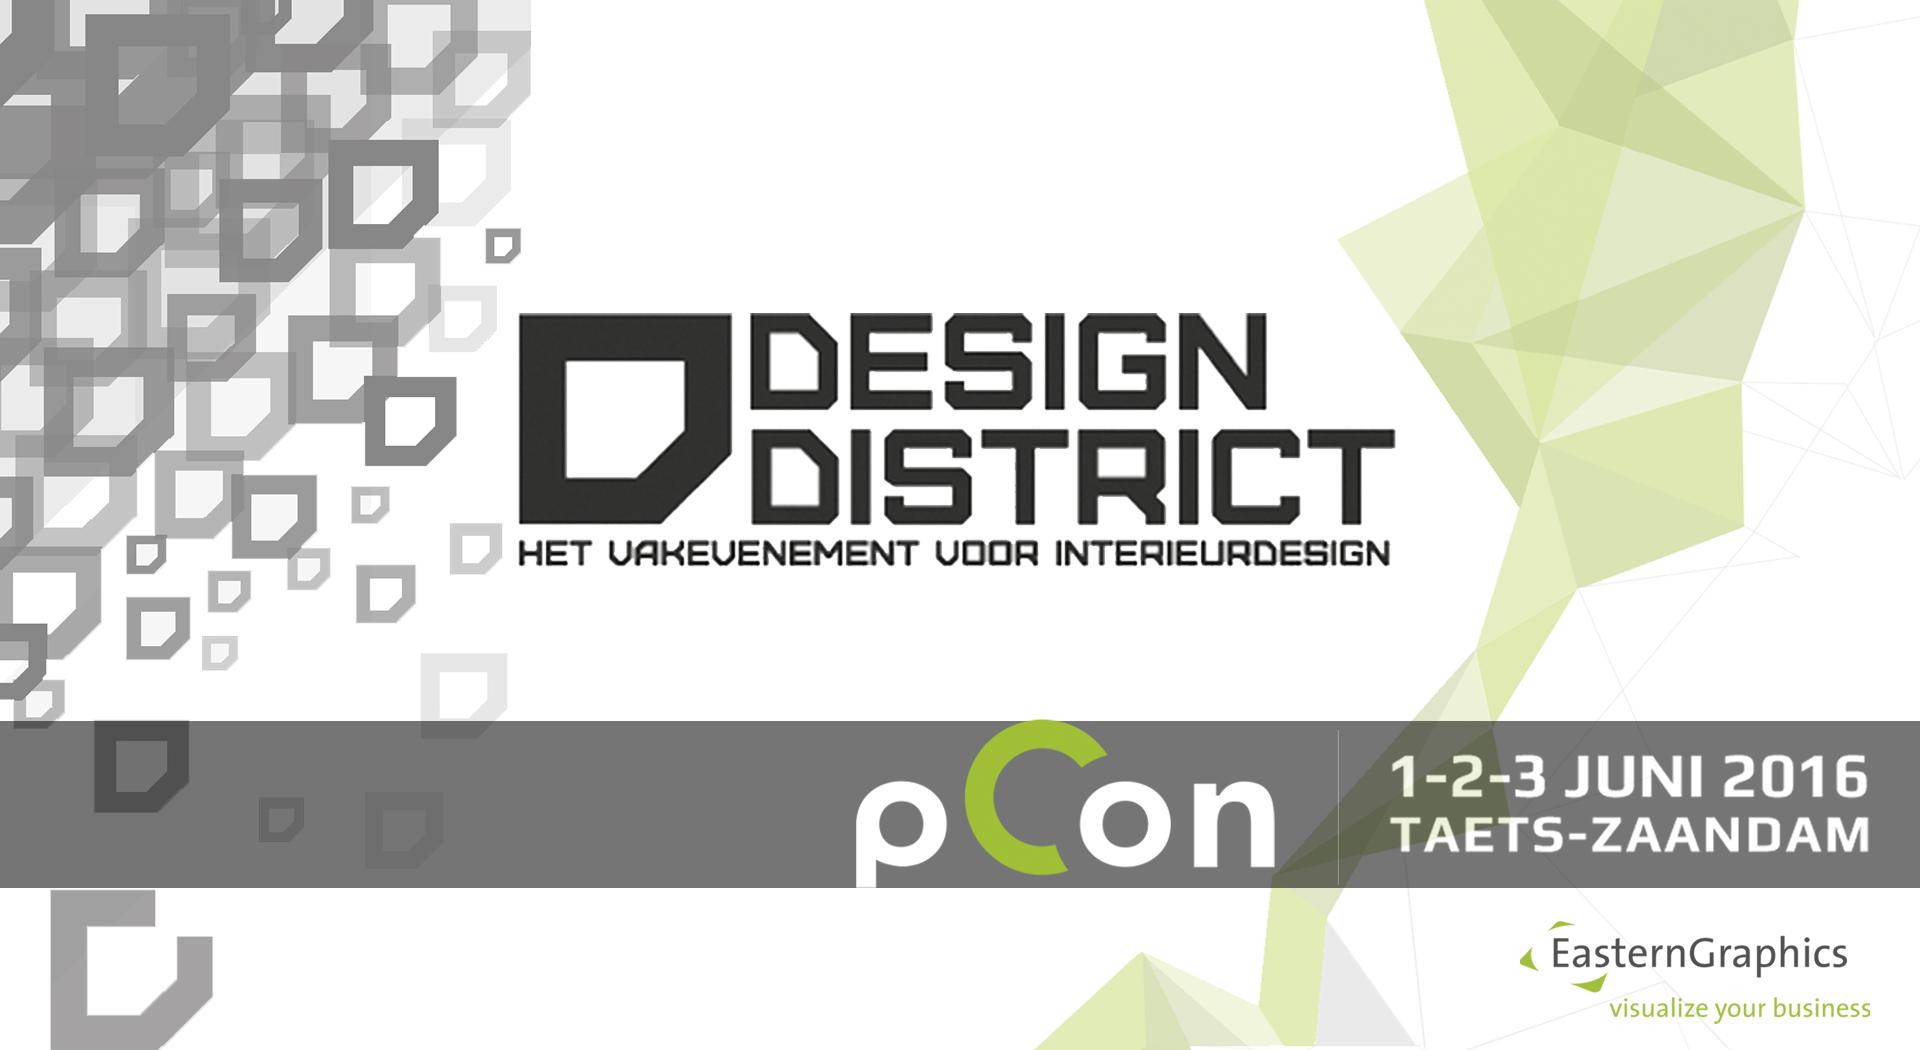 EasternGraphics auf der Design District Zaandam 2016 pCon.planner Messe Events Design District